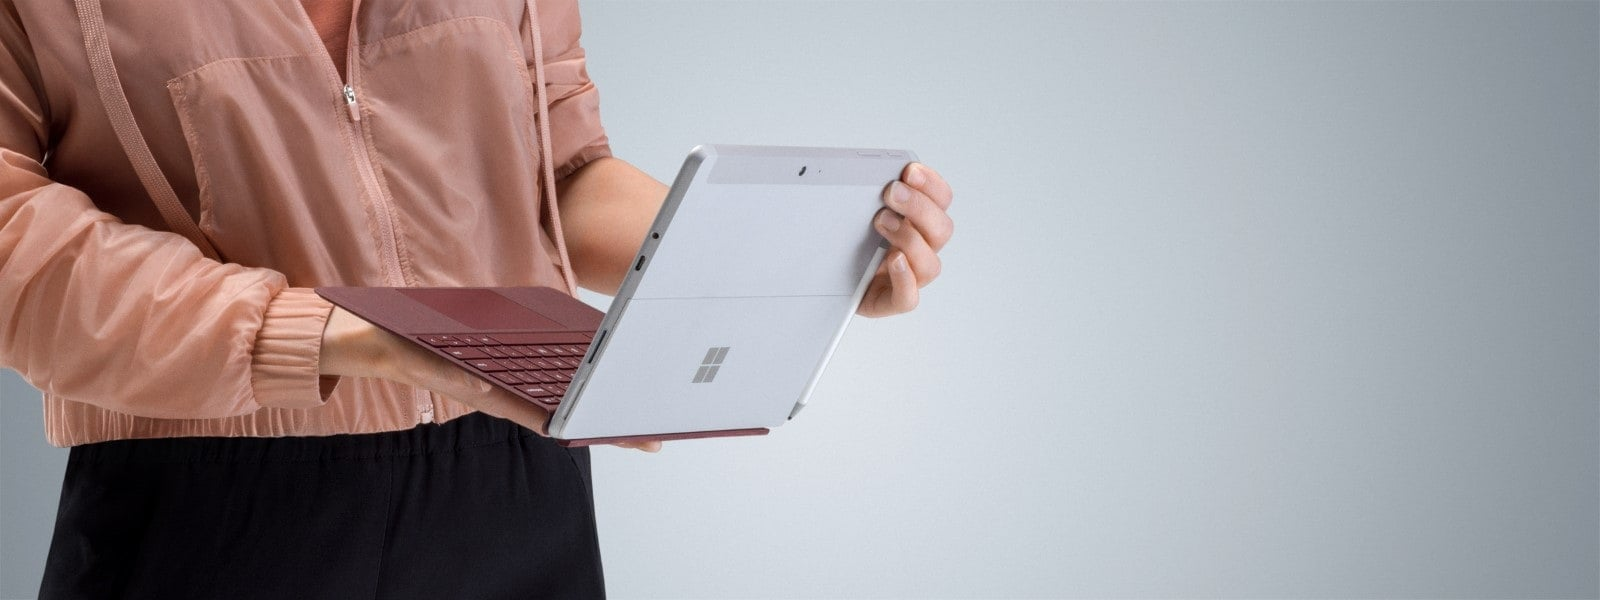 2 października Microsoft zaprezentuje nowy sprzęt, ale nie liczcie na premierę Surface Phone 24